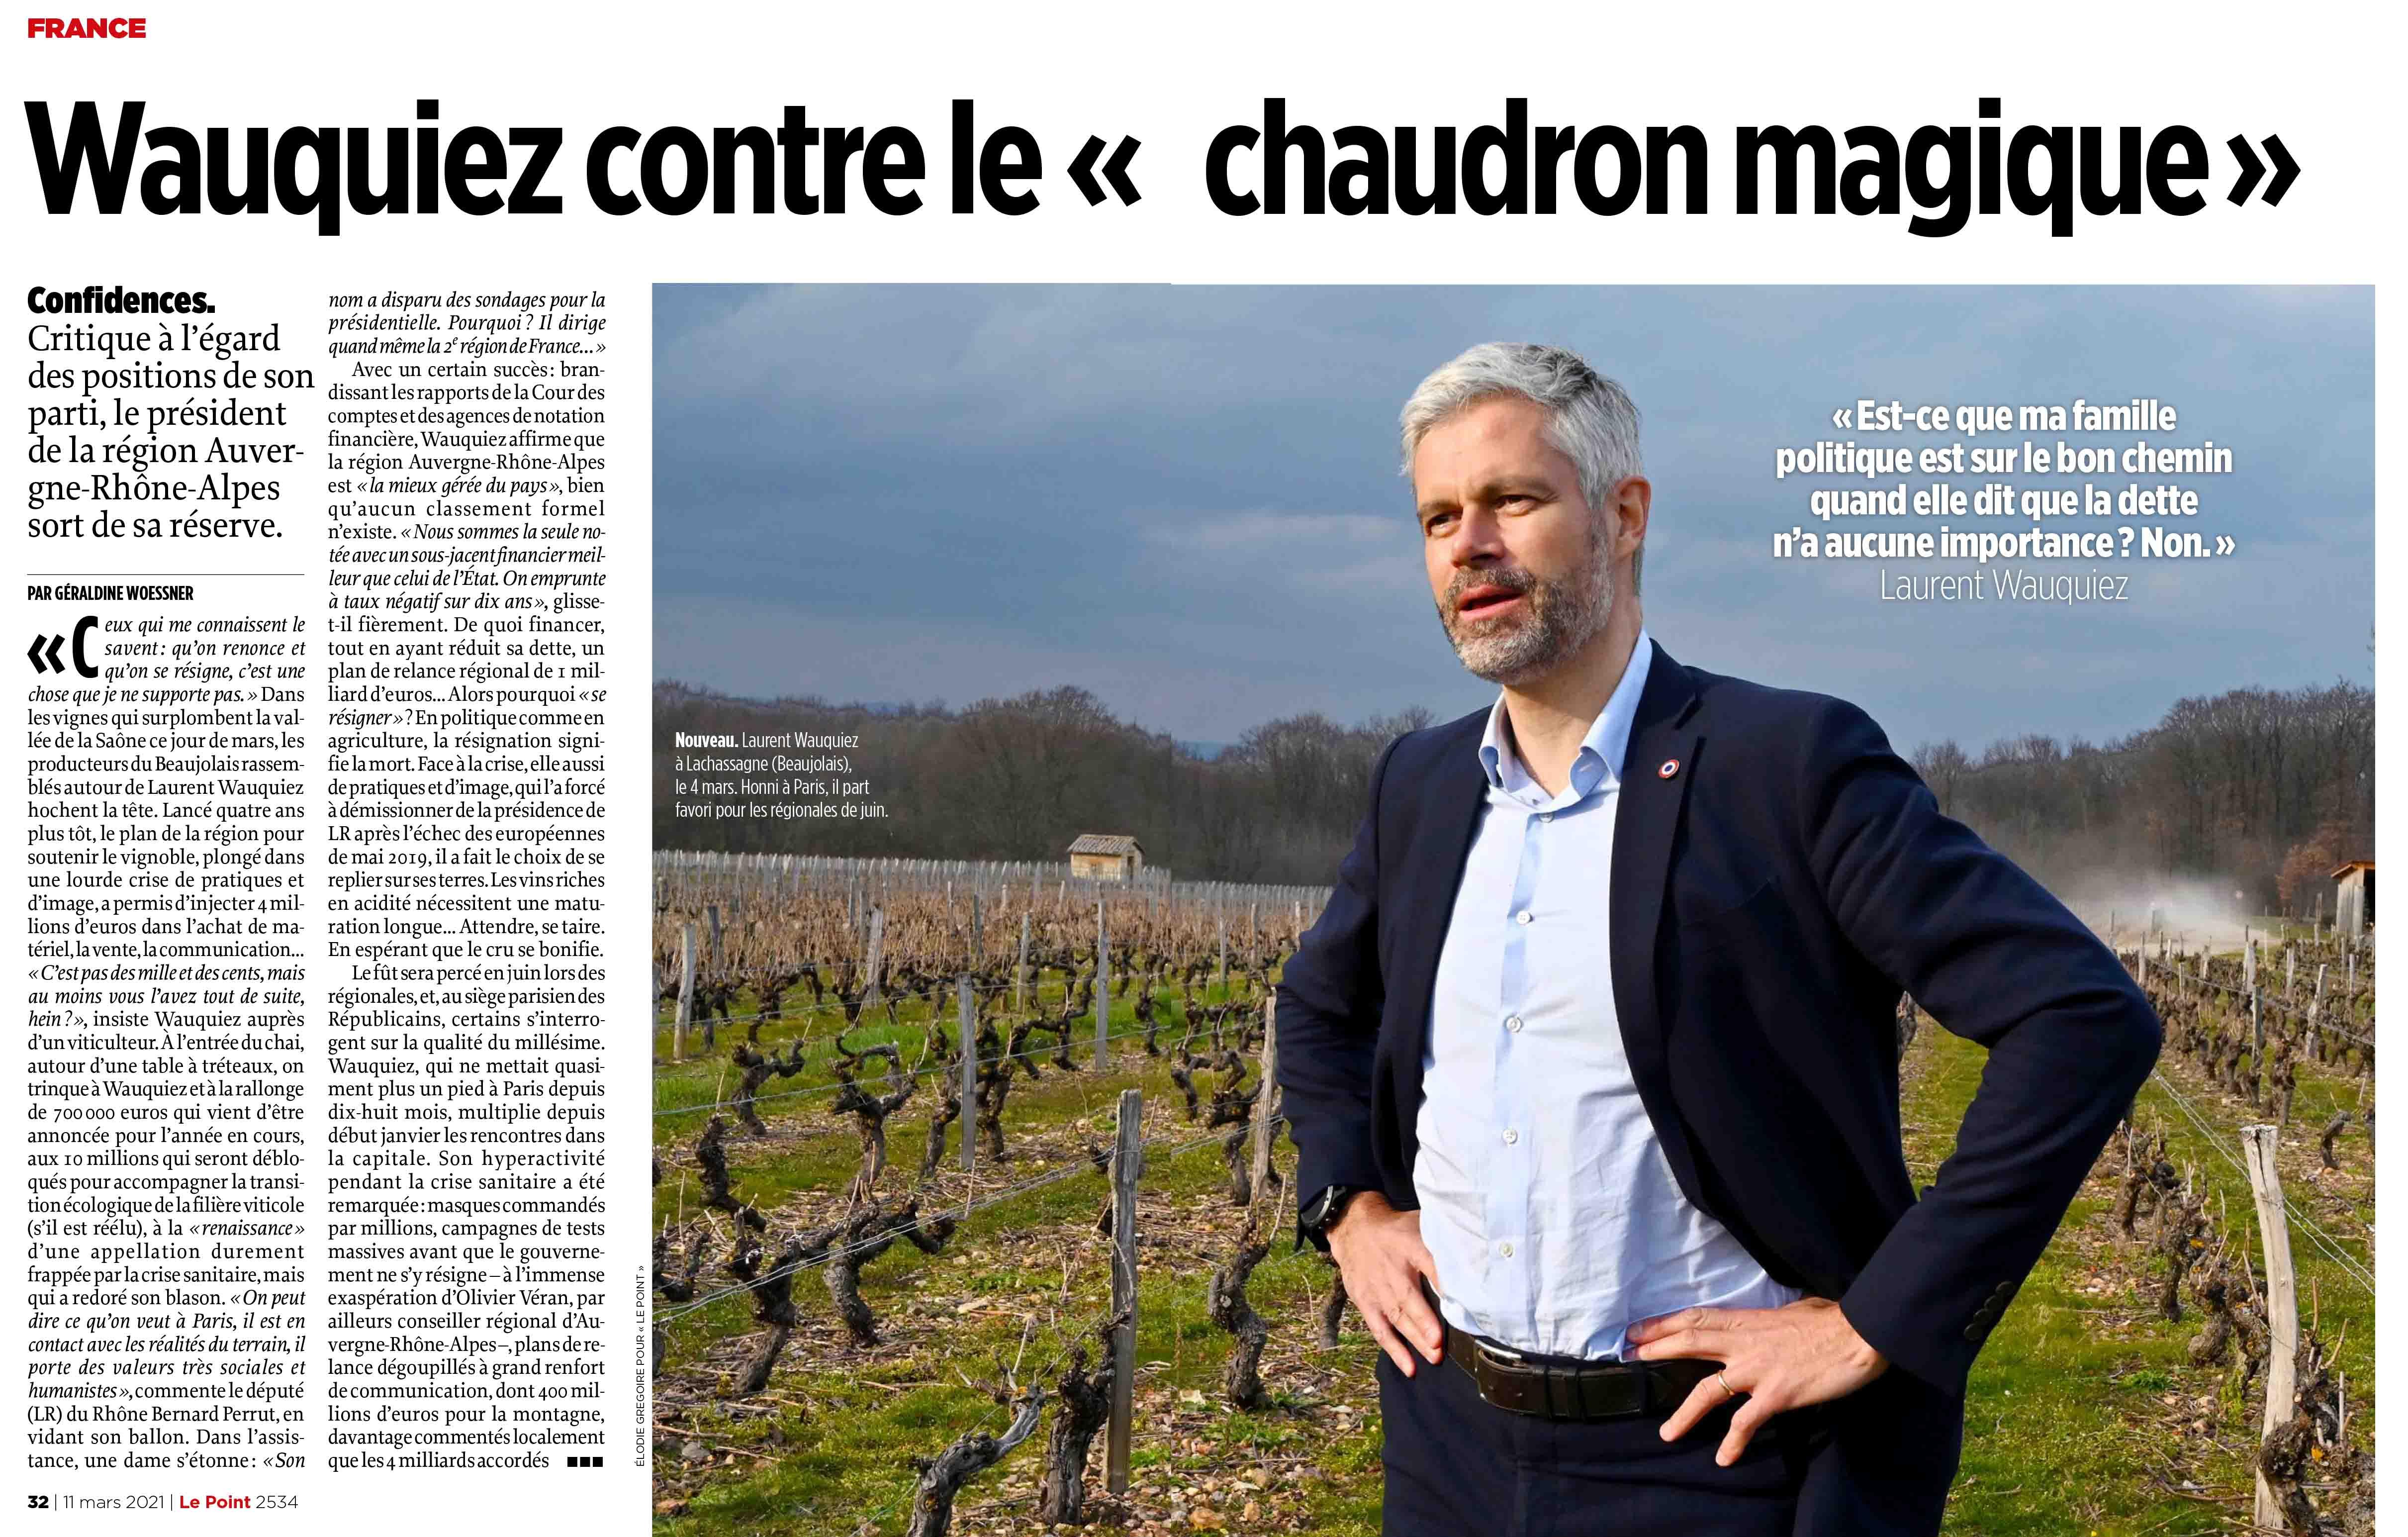 Le Point France